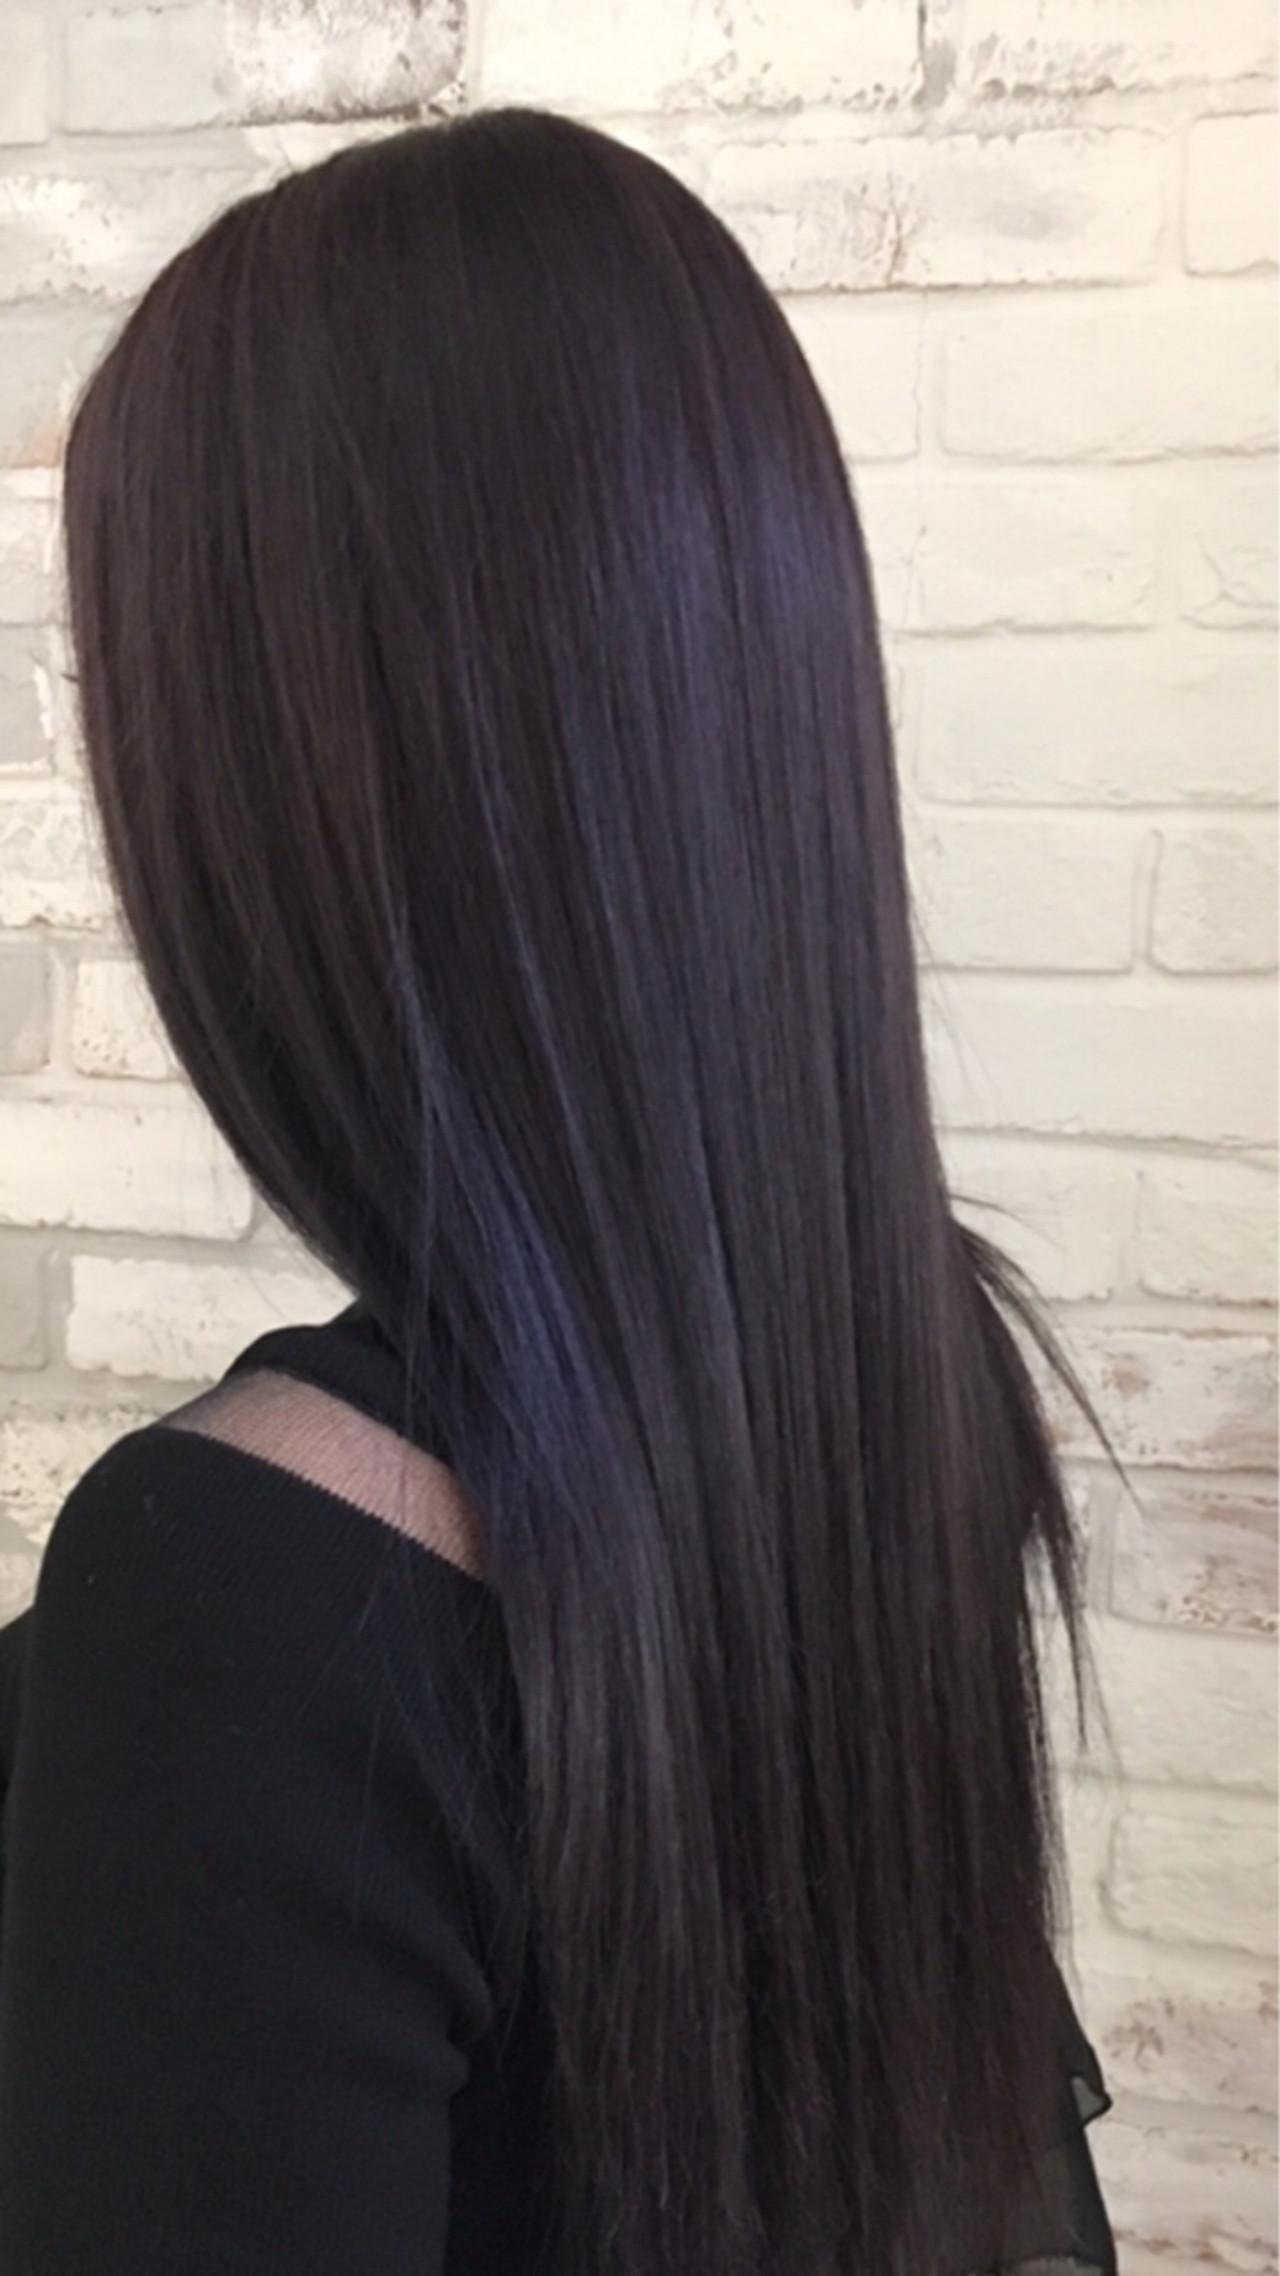 パープル 冬 秋 ロング ヘアスタイルや髪型の写真・画像